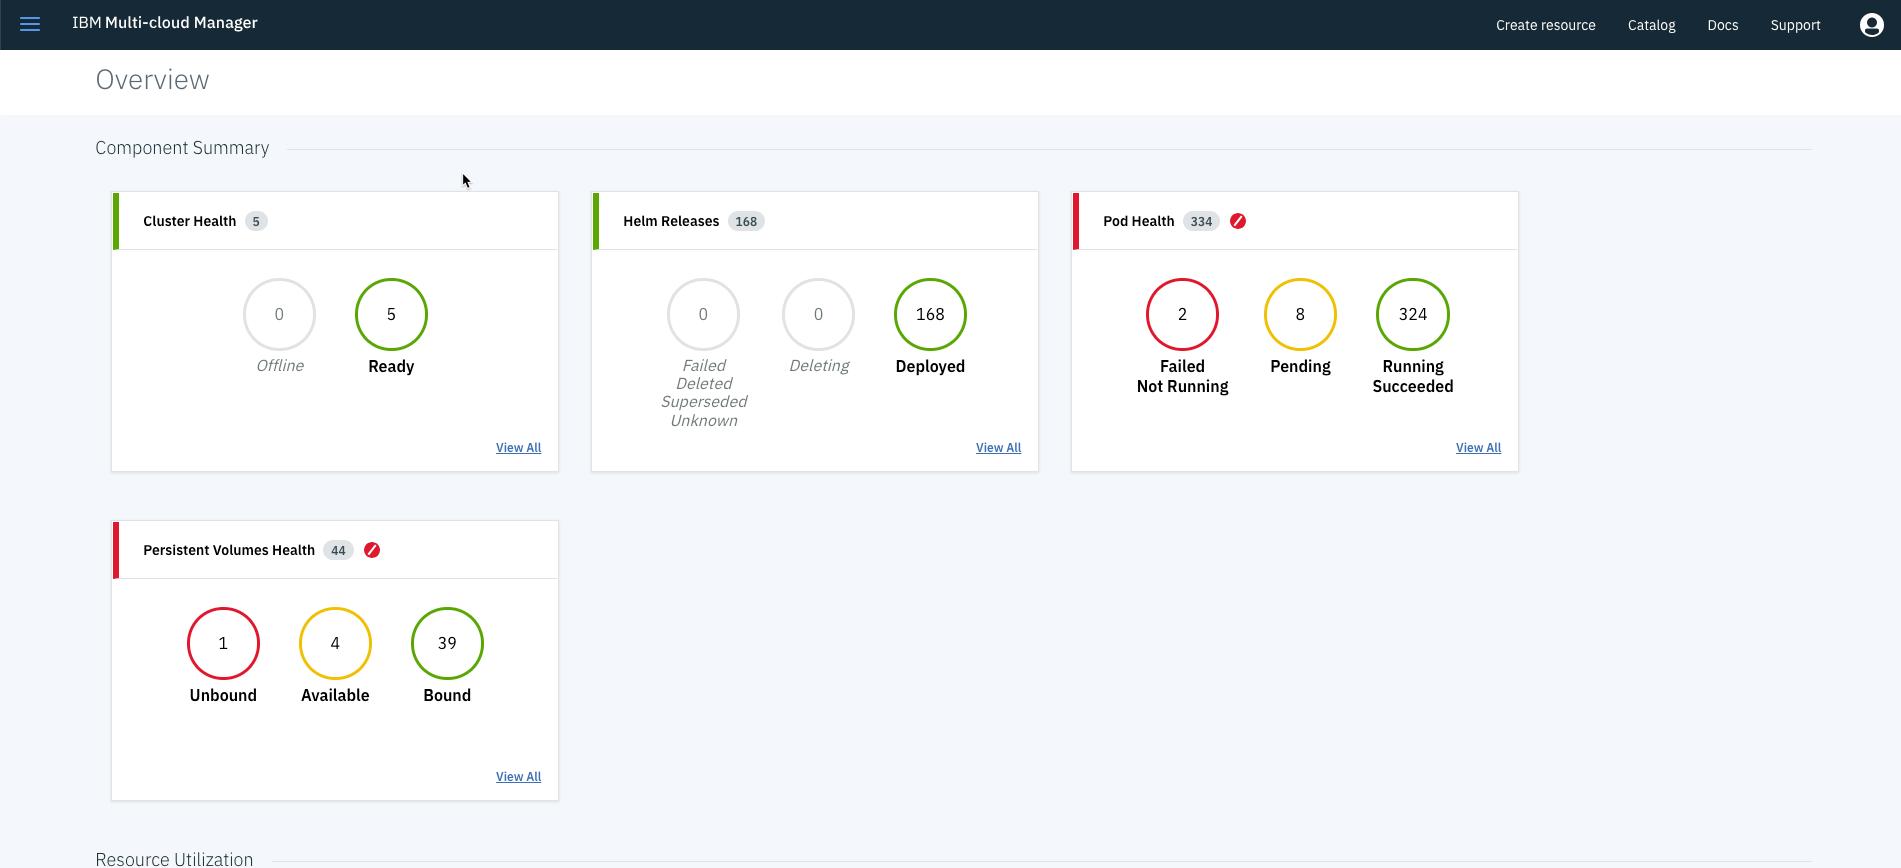 IBM presenta la primera tecnología de gestión multinube